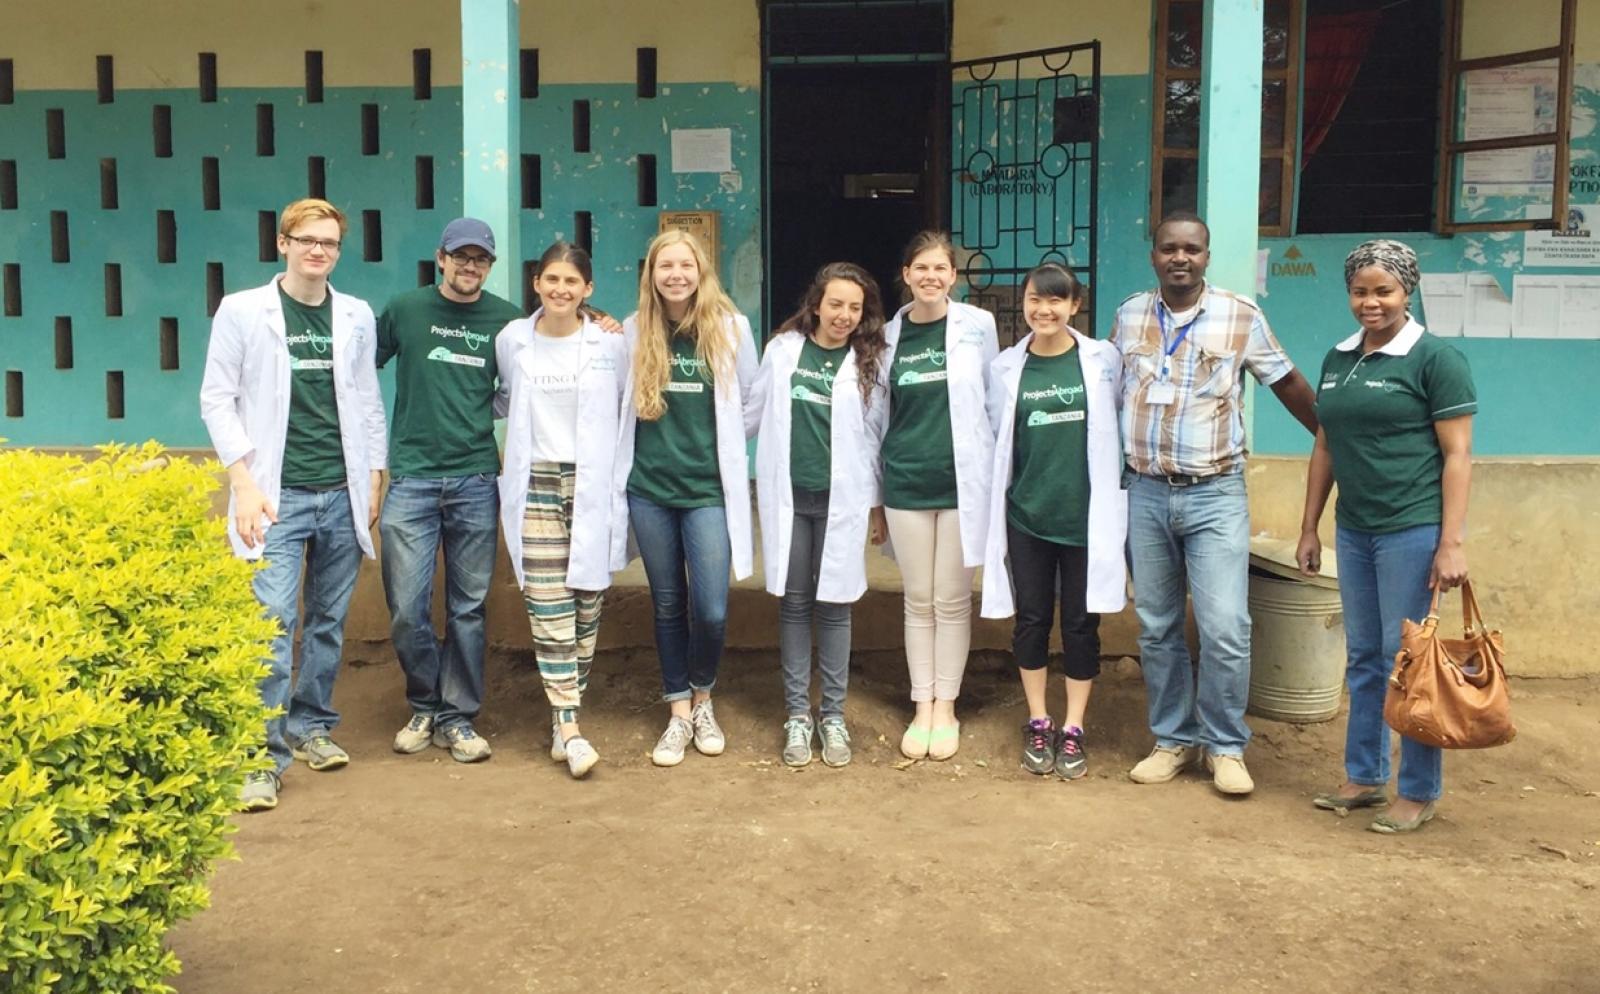 タンザニアで医療ボランティアに挑戦中の高校生たち